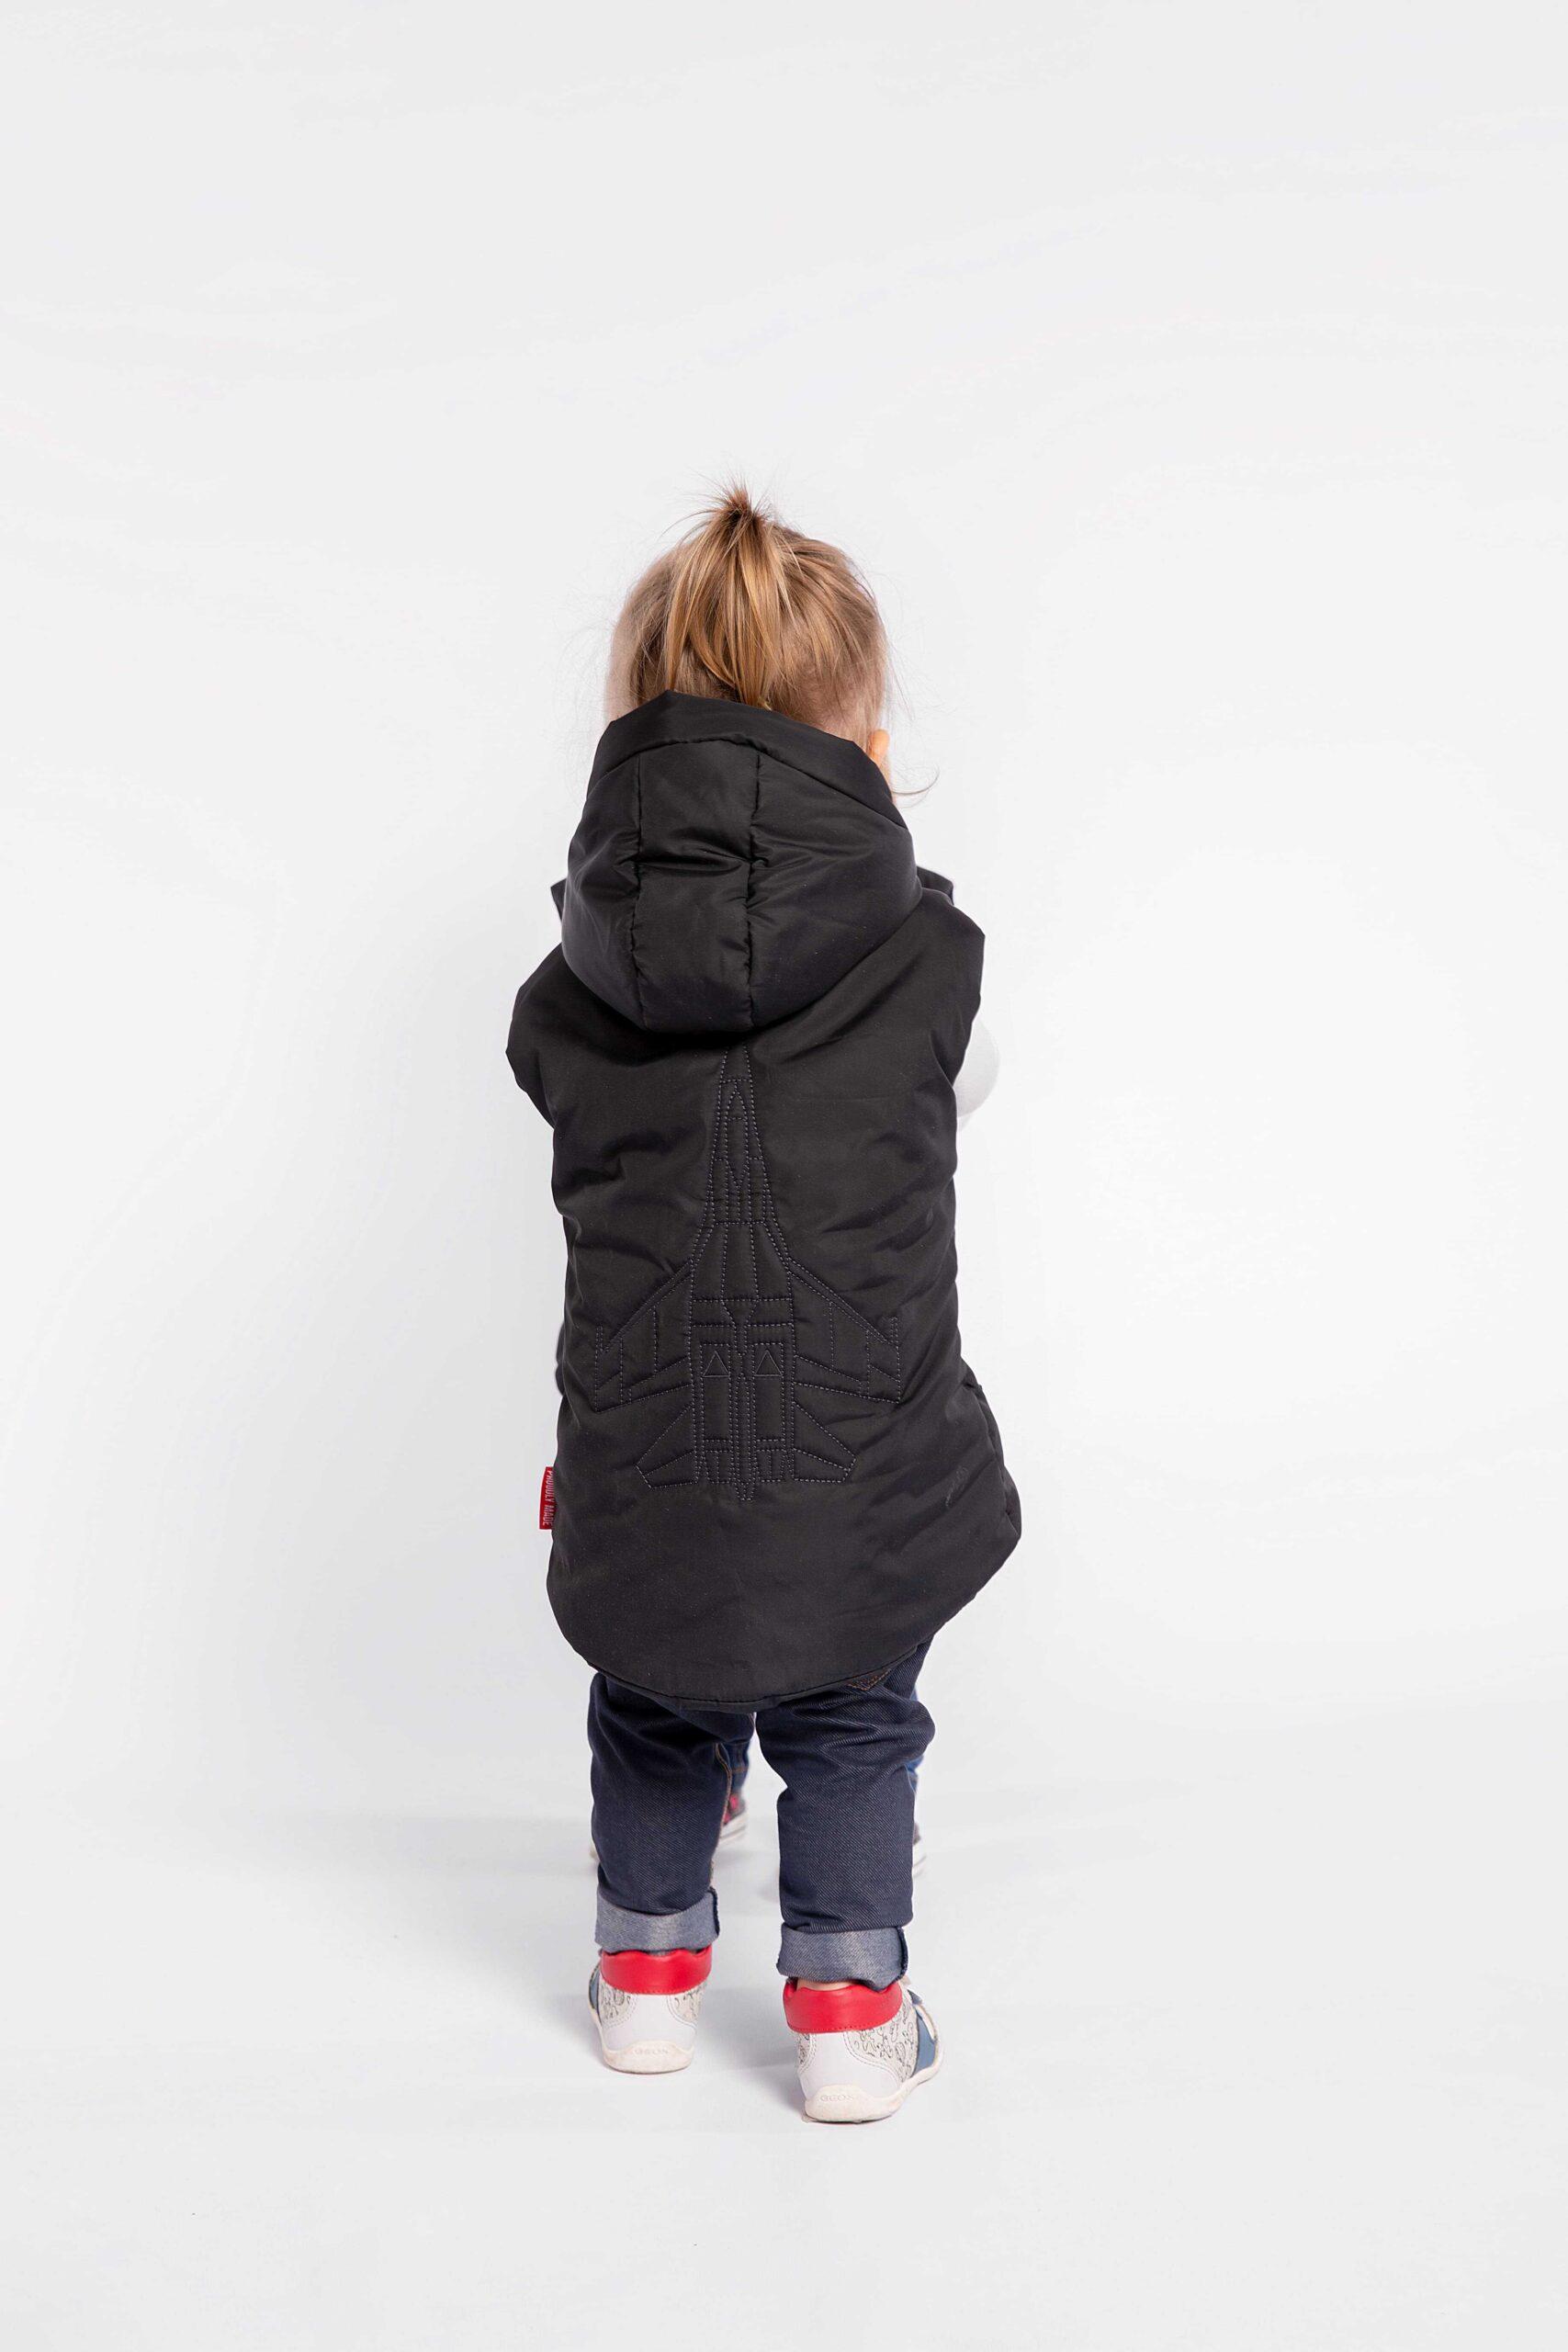 Дитяча Безрукавка Ukr Falcons. Колір чорний.  Розмір на моделях: Хлопець — 135 см (7-8 років) Дівчата — 85 см (1-2 роки)  Відтінки кольорів на вашому екрані можуть відрізнятися від кольору оригіналу.